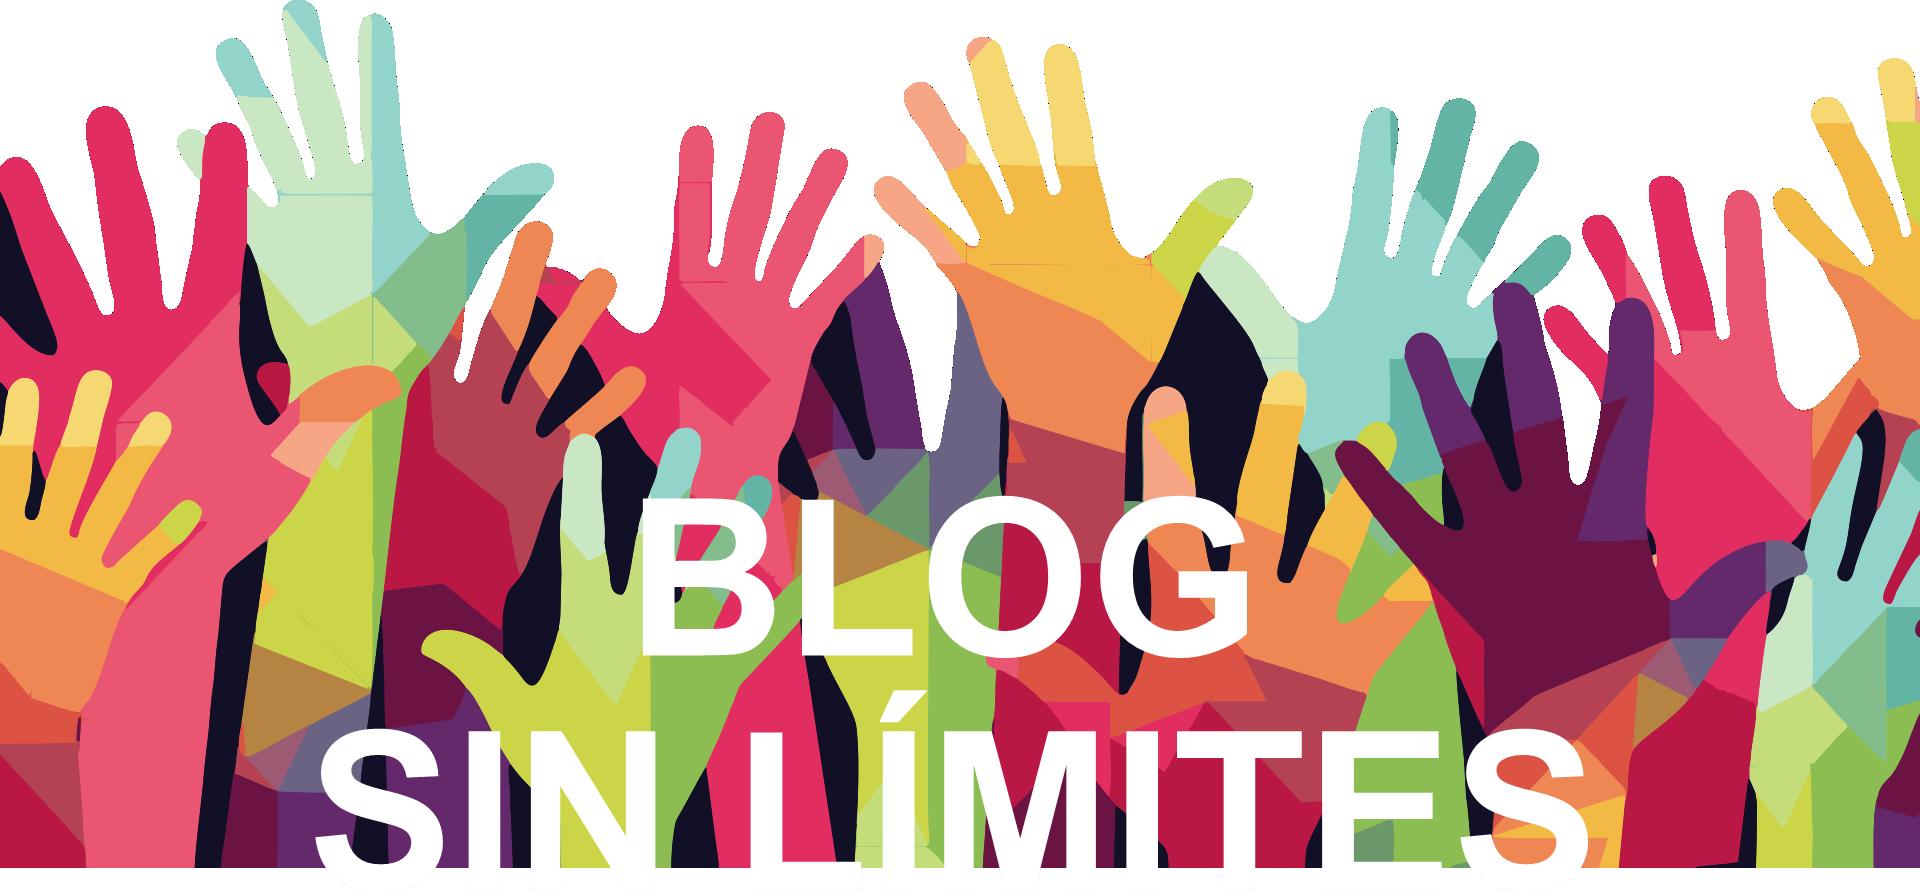 """Nueva web con su blog """"Sin Límites"""" de AEXFATP. ASOCIACIÓN EXTREMEÑA DE AFECTADOS POR TRASTORNO DE PERSONALIDAD"""